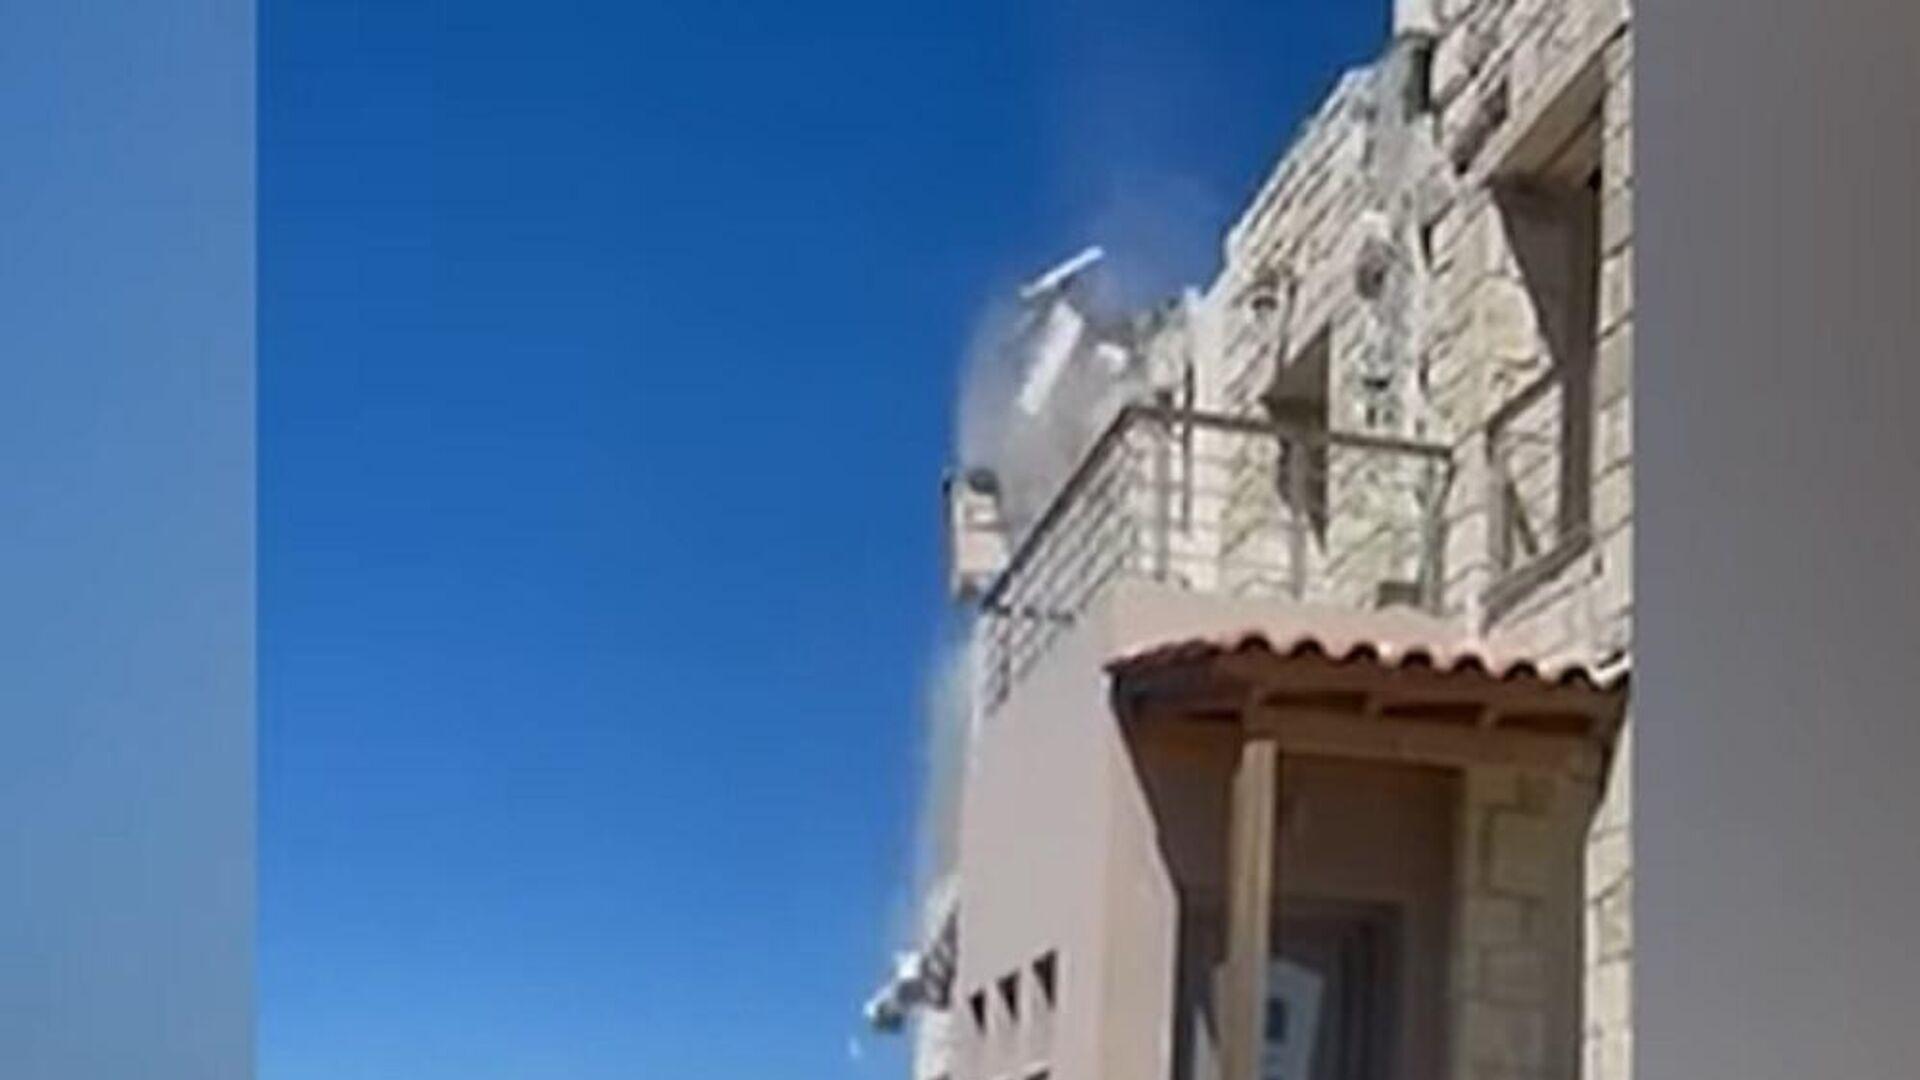 Σεισμός στην Κρήτη: Κατάρρευση στέγης - Sputnik Ελλάδα, 1920, 27.09.2021